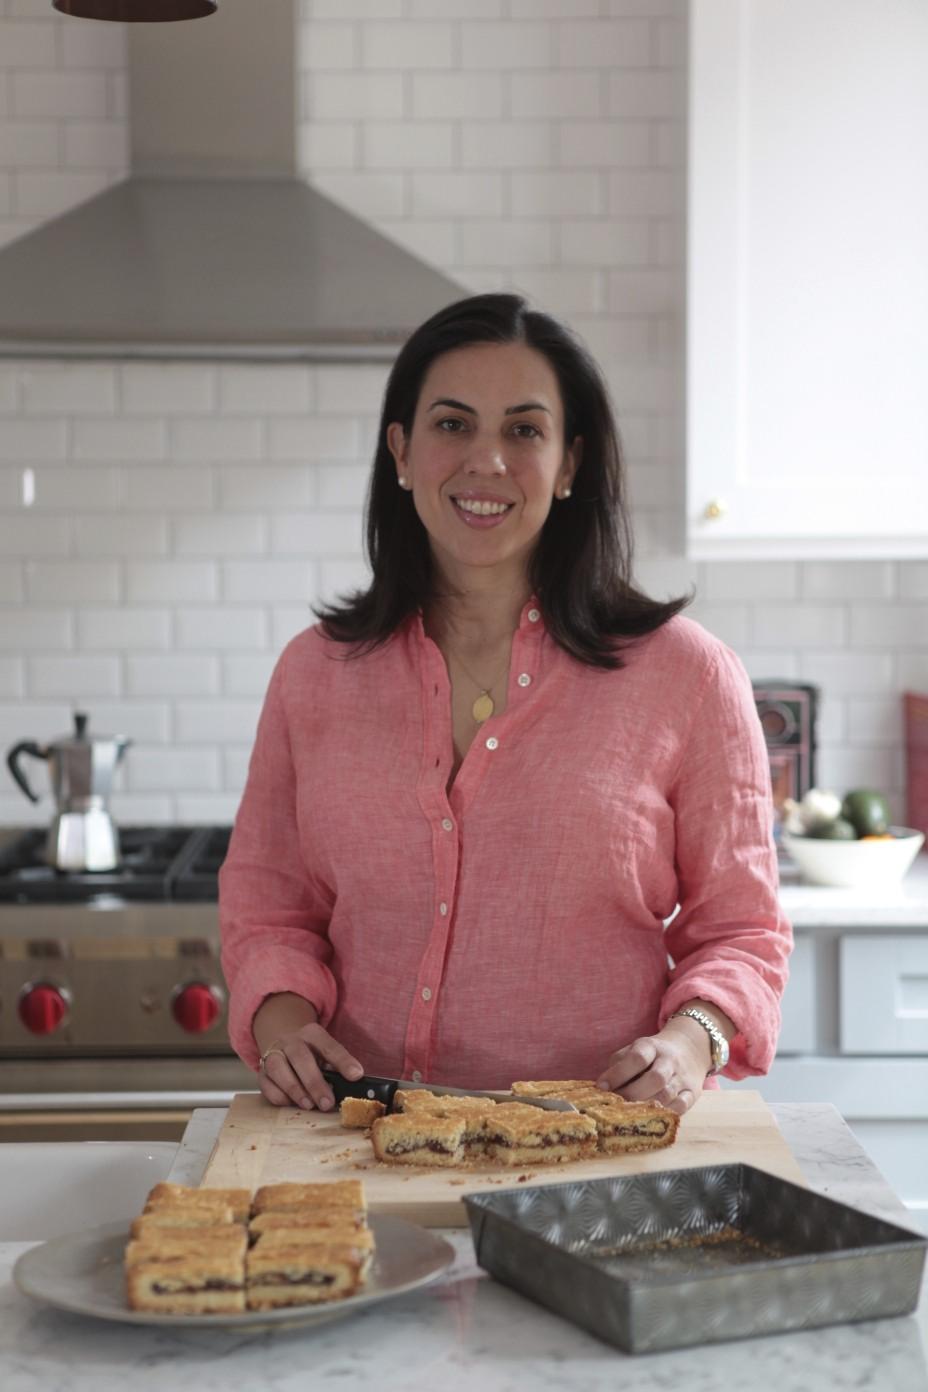 Author Ana Sofia Pelaez